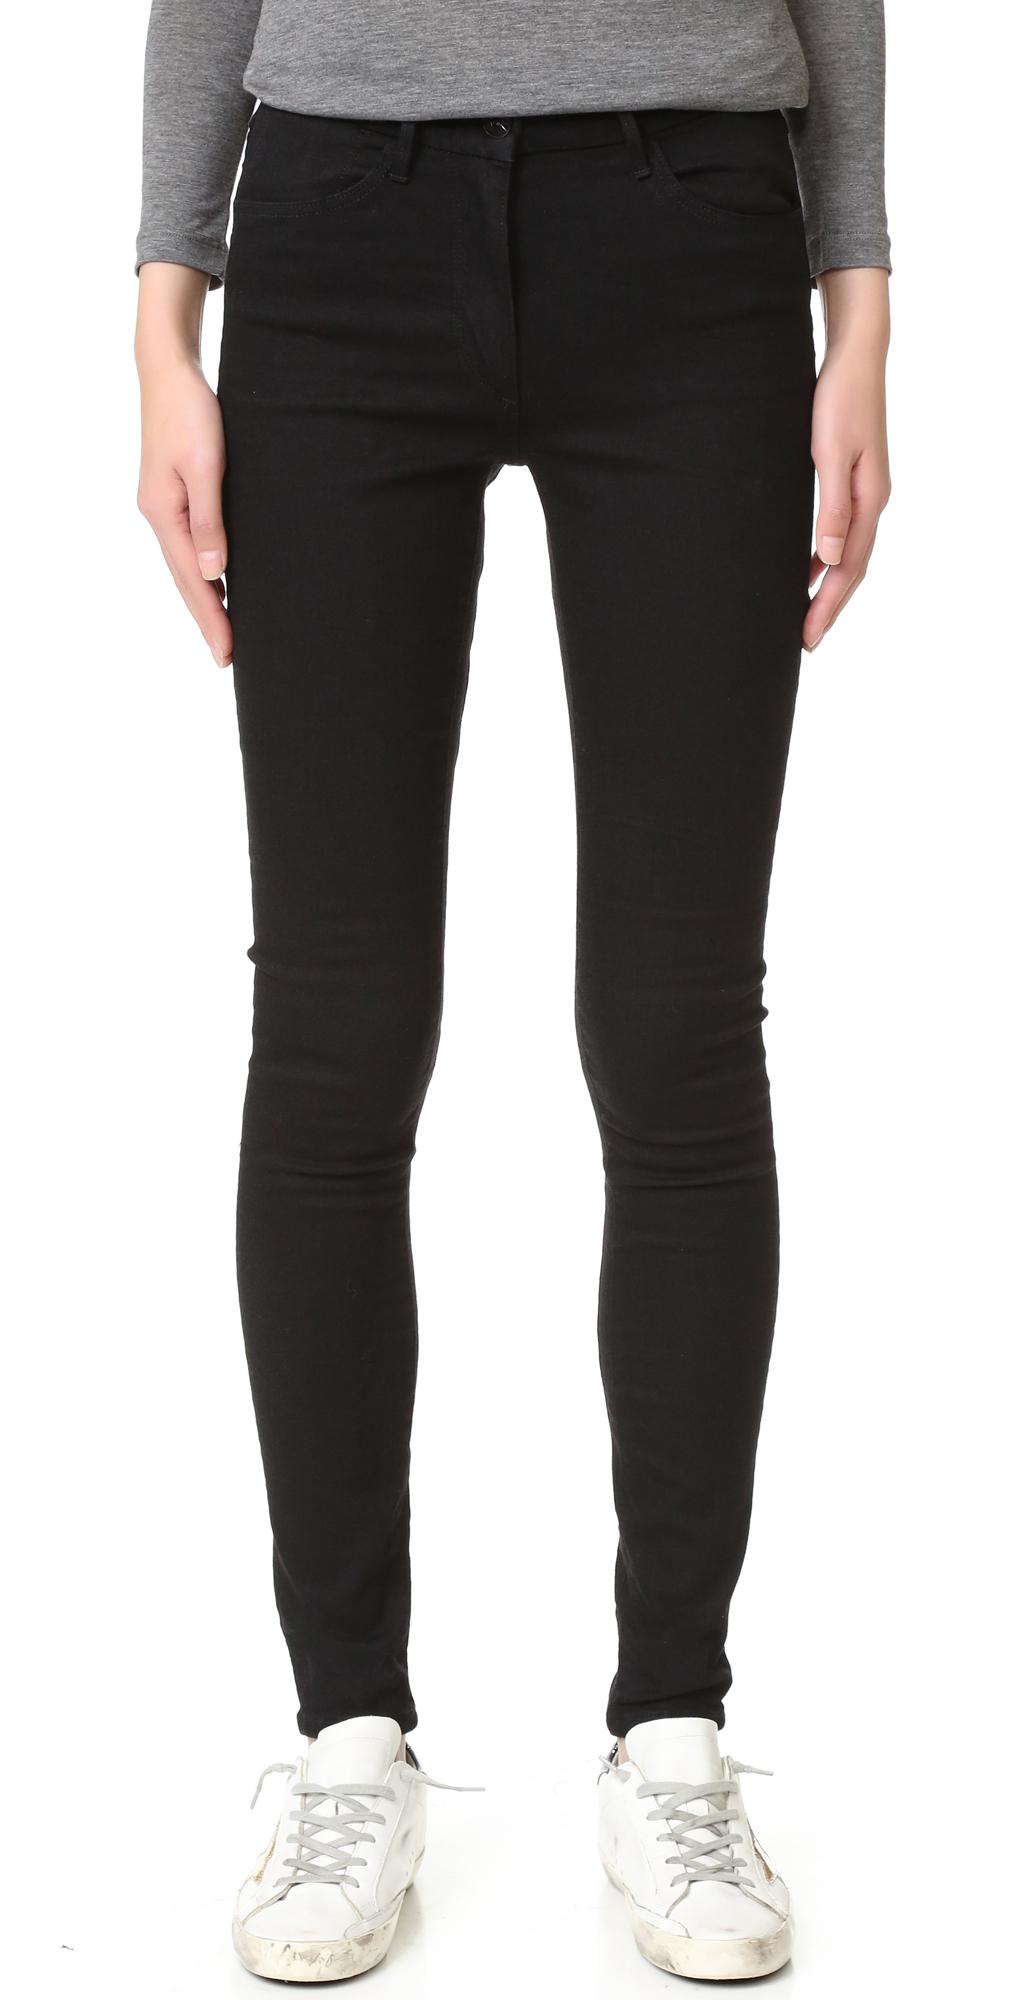 W3 Channel Seam Skinny Jeans 3x1